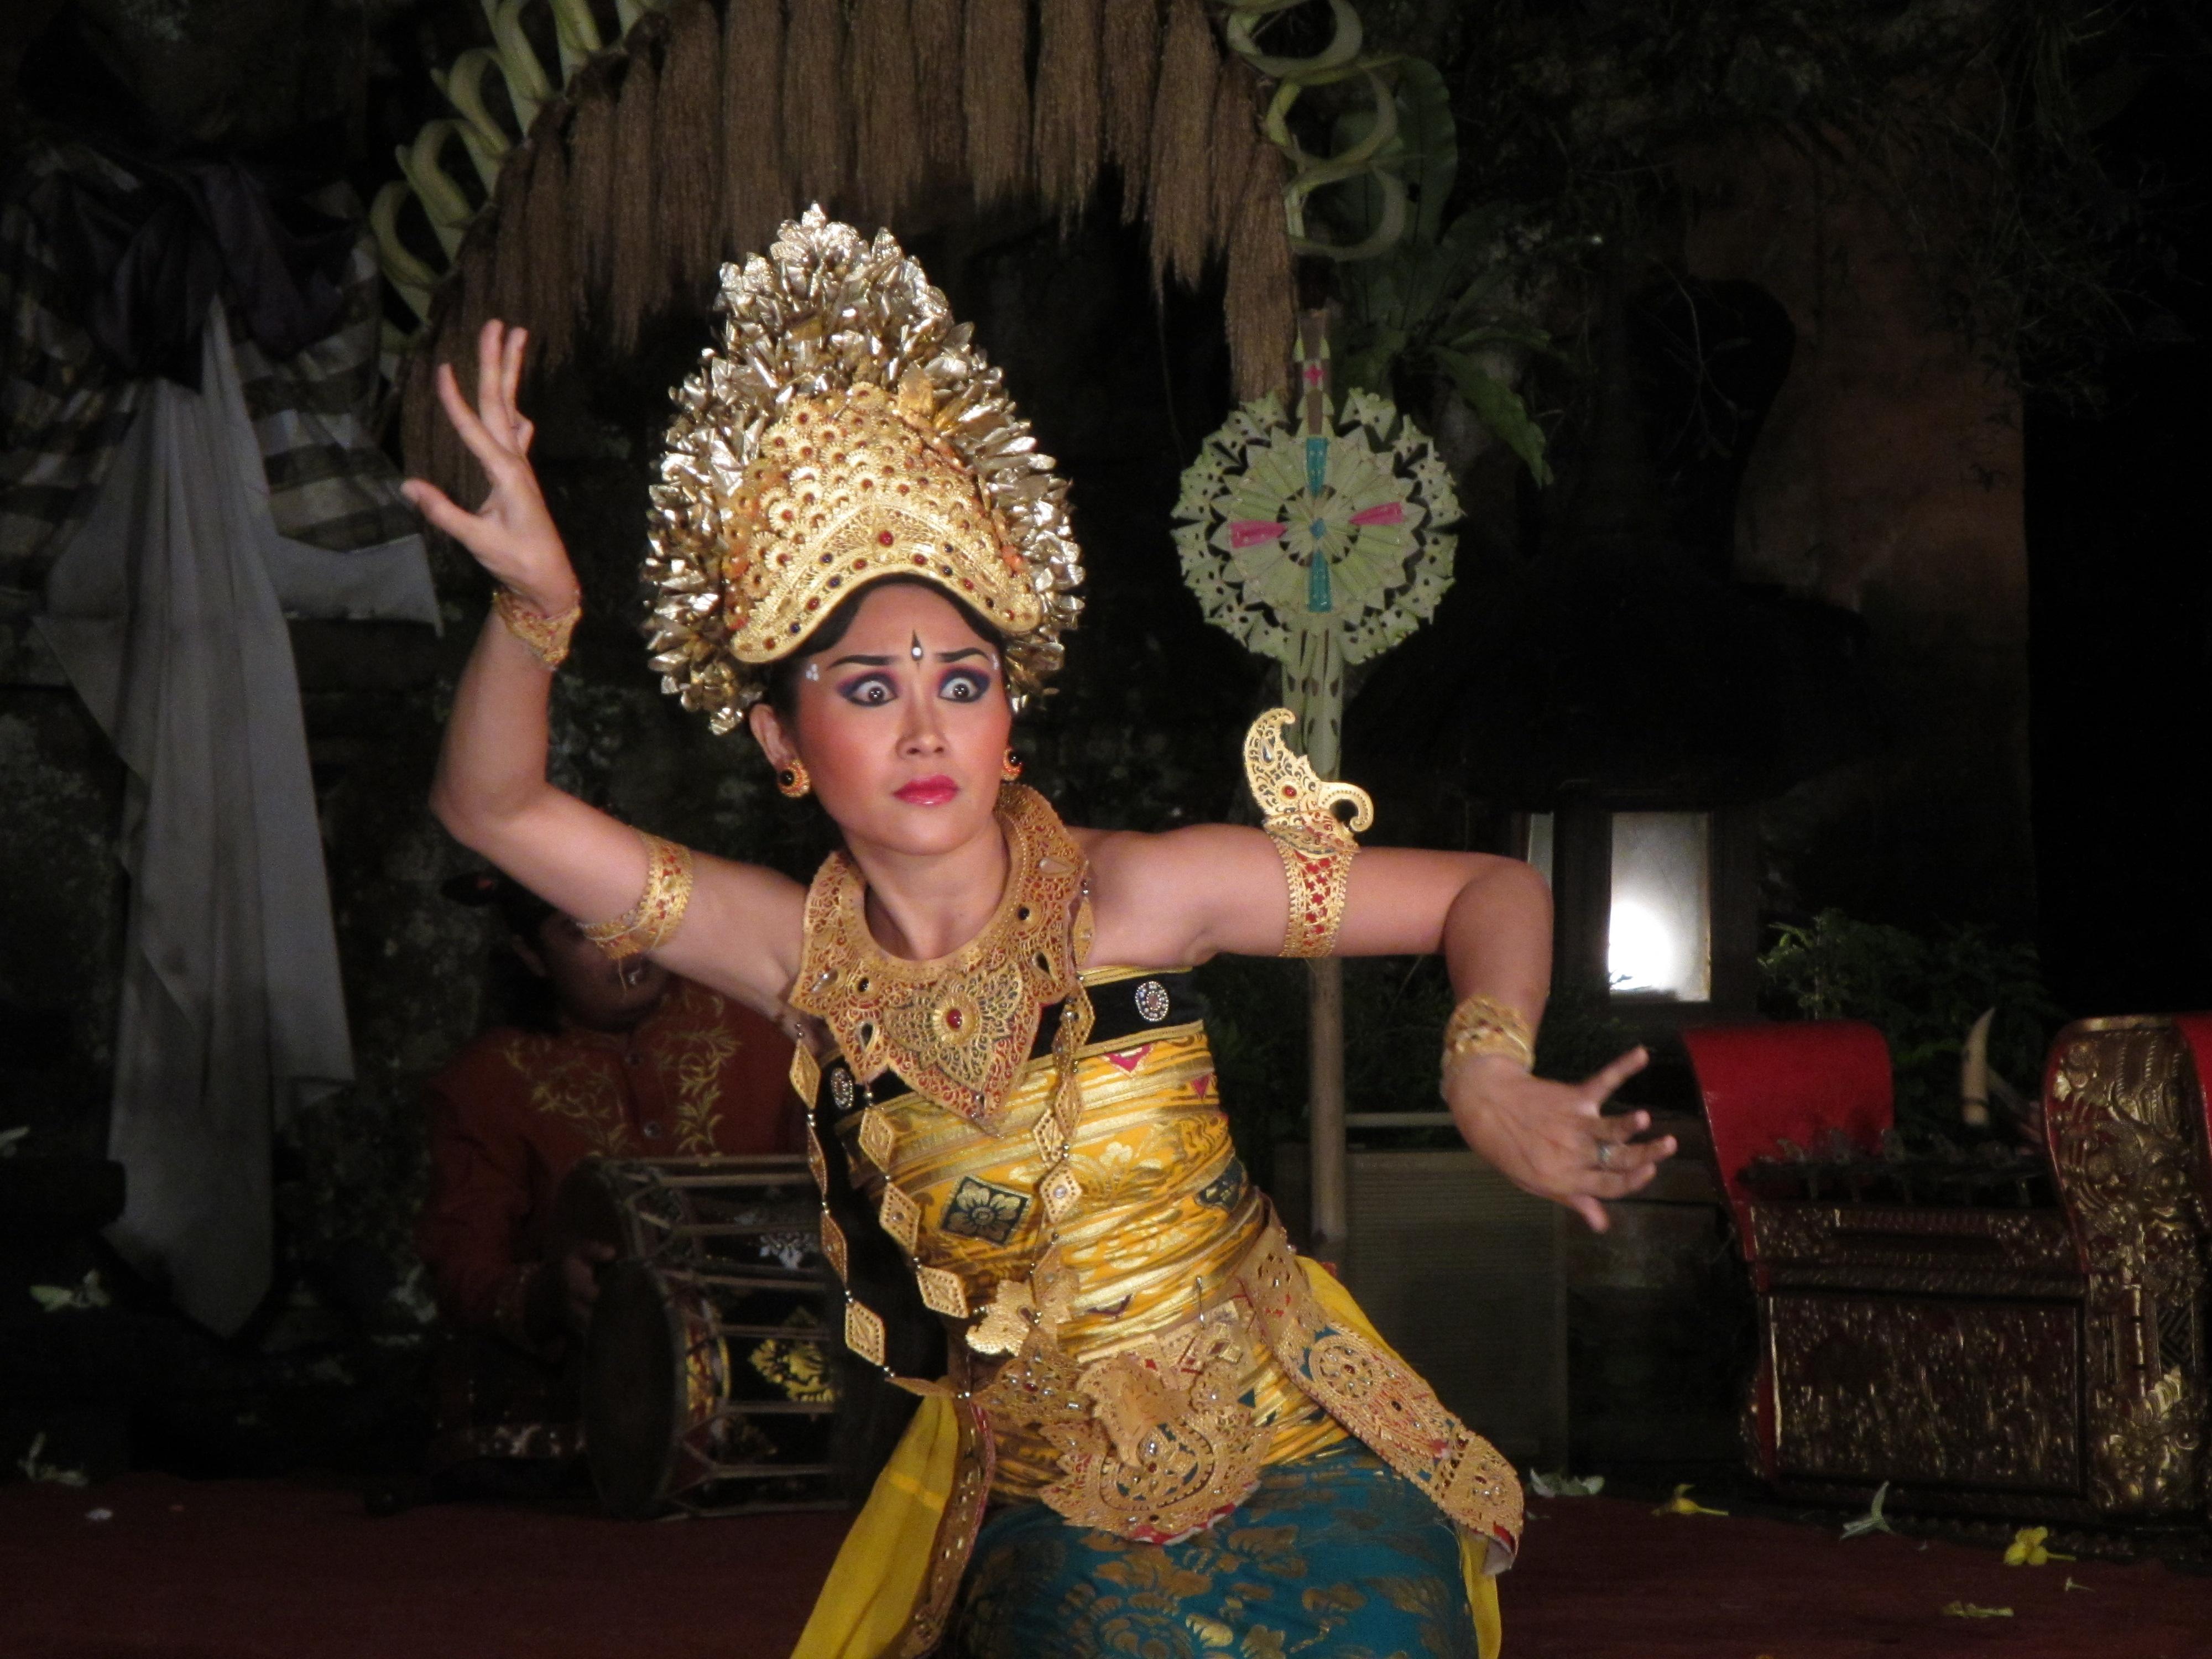 Bali Hot Women 78